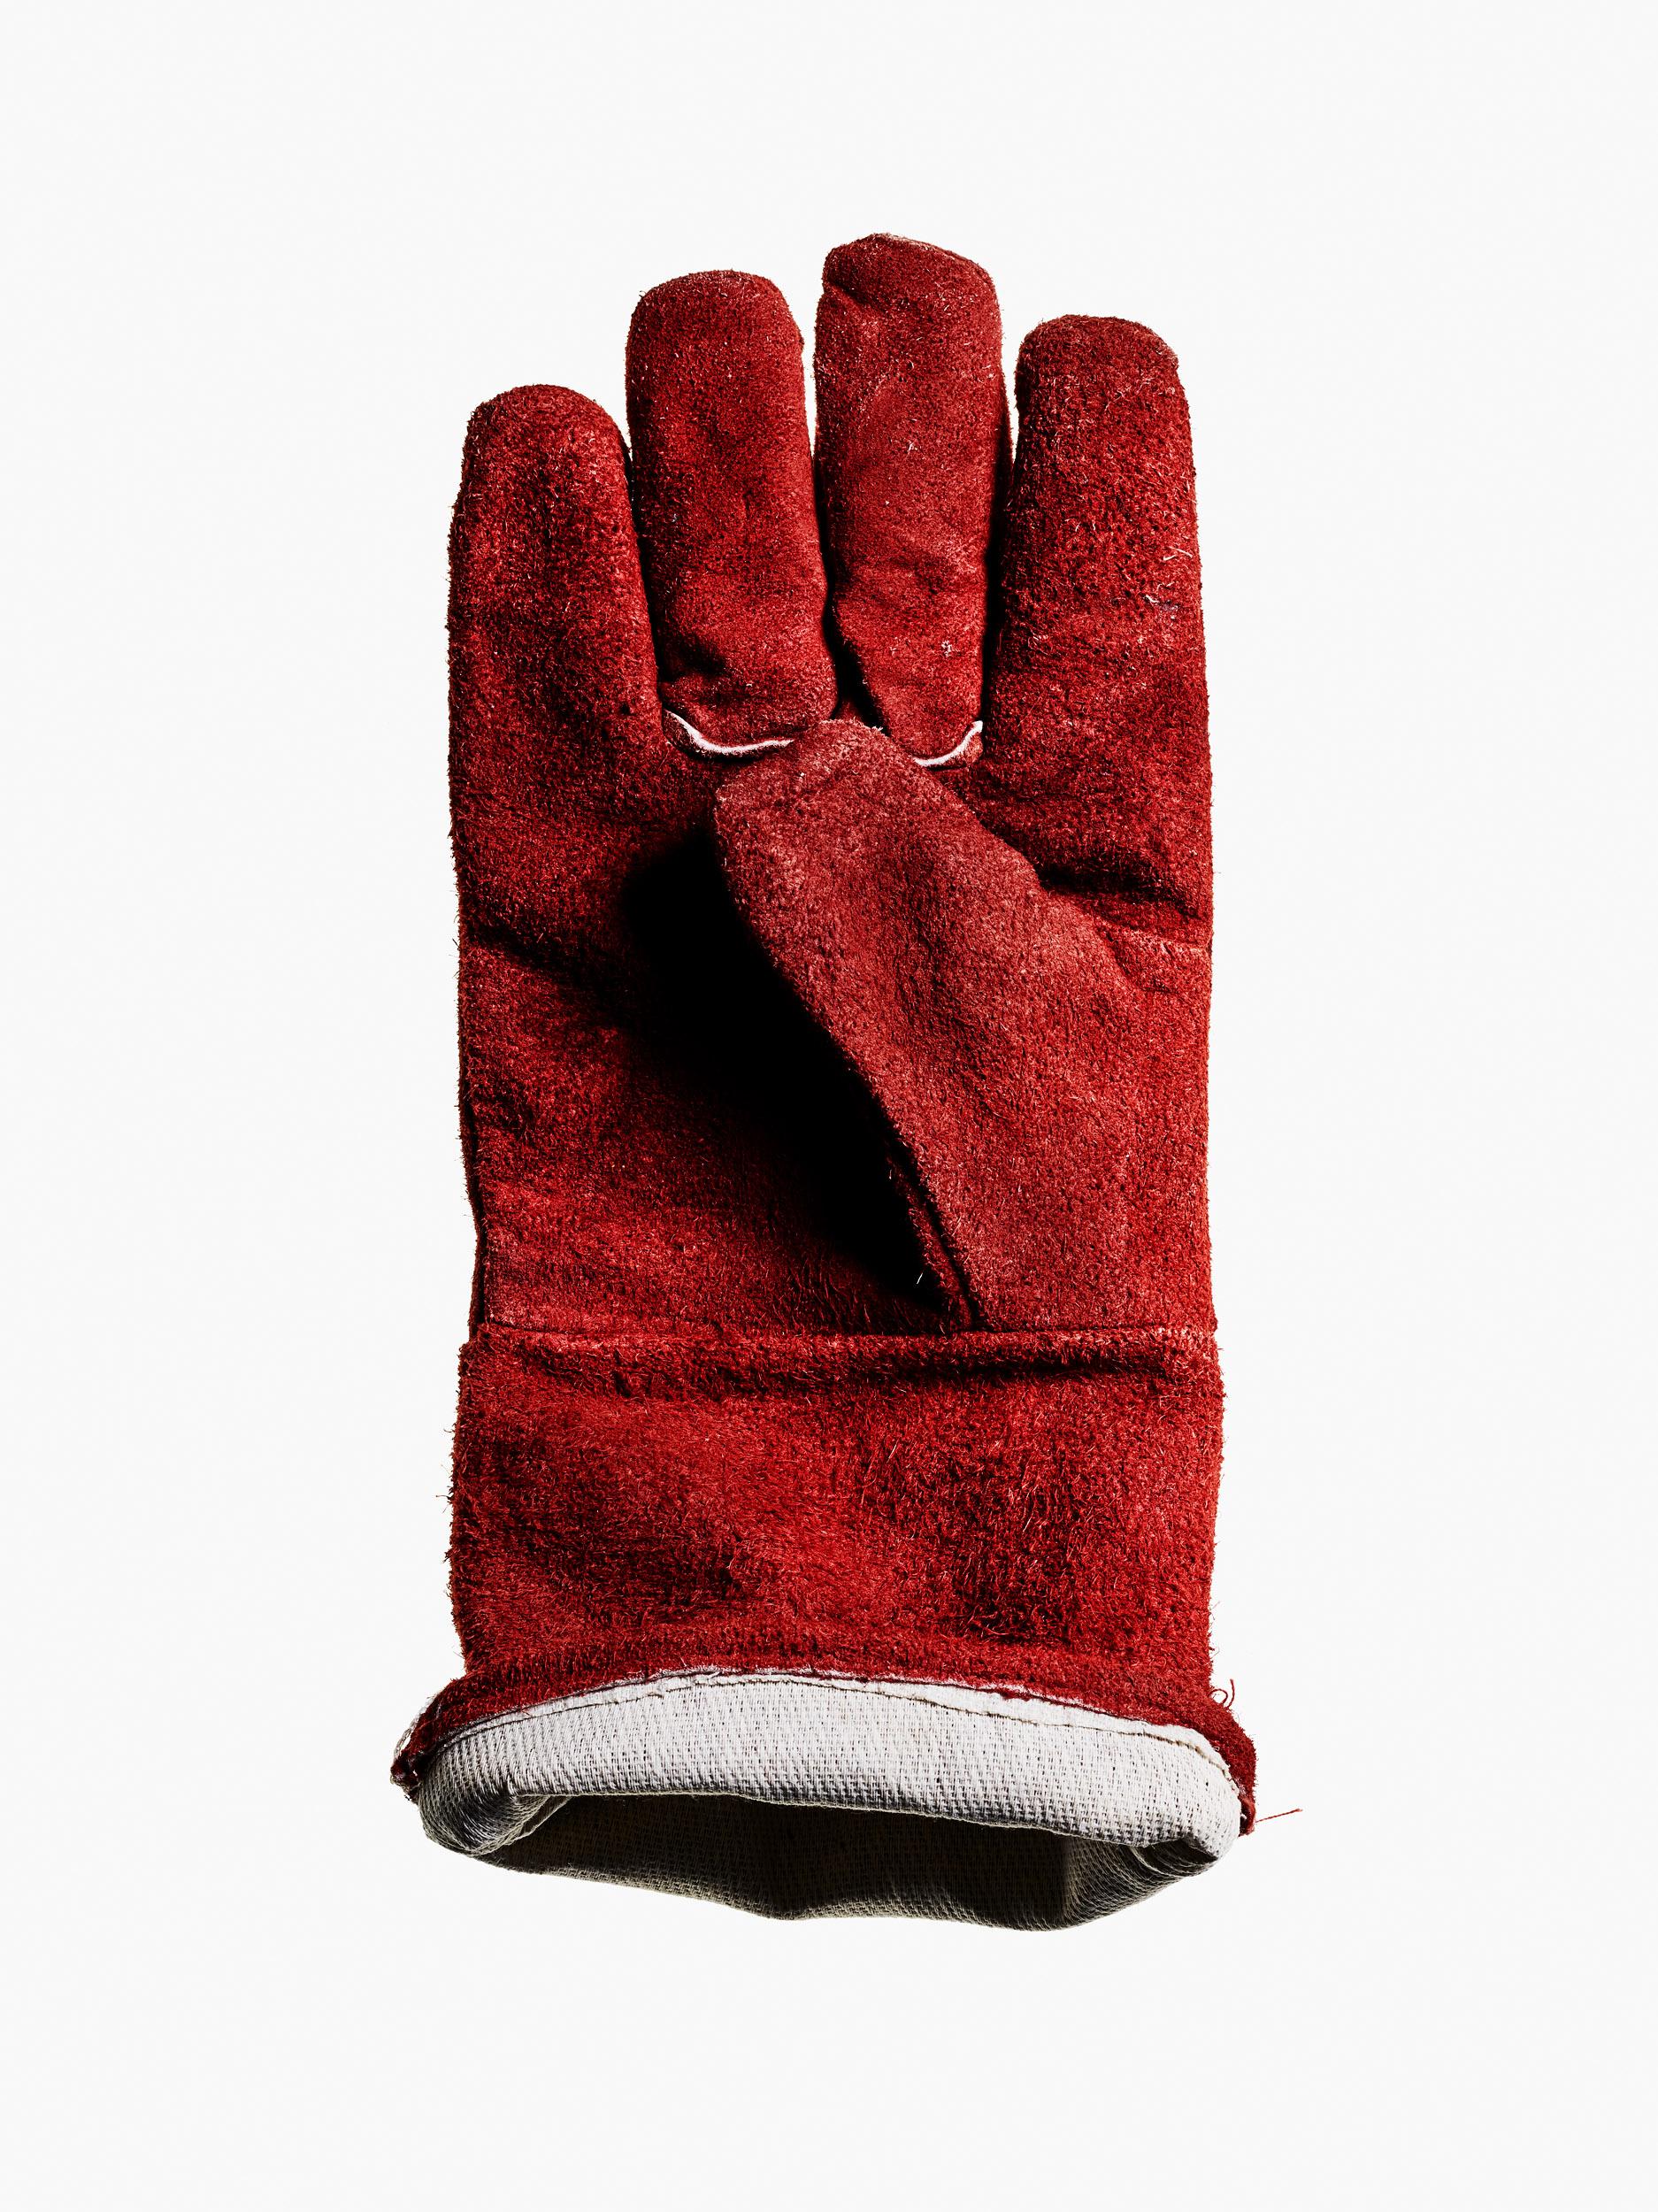 20180511 Gloves-125288.jpg